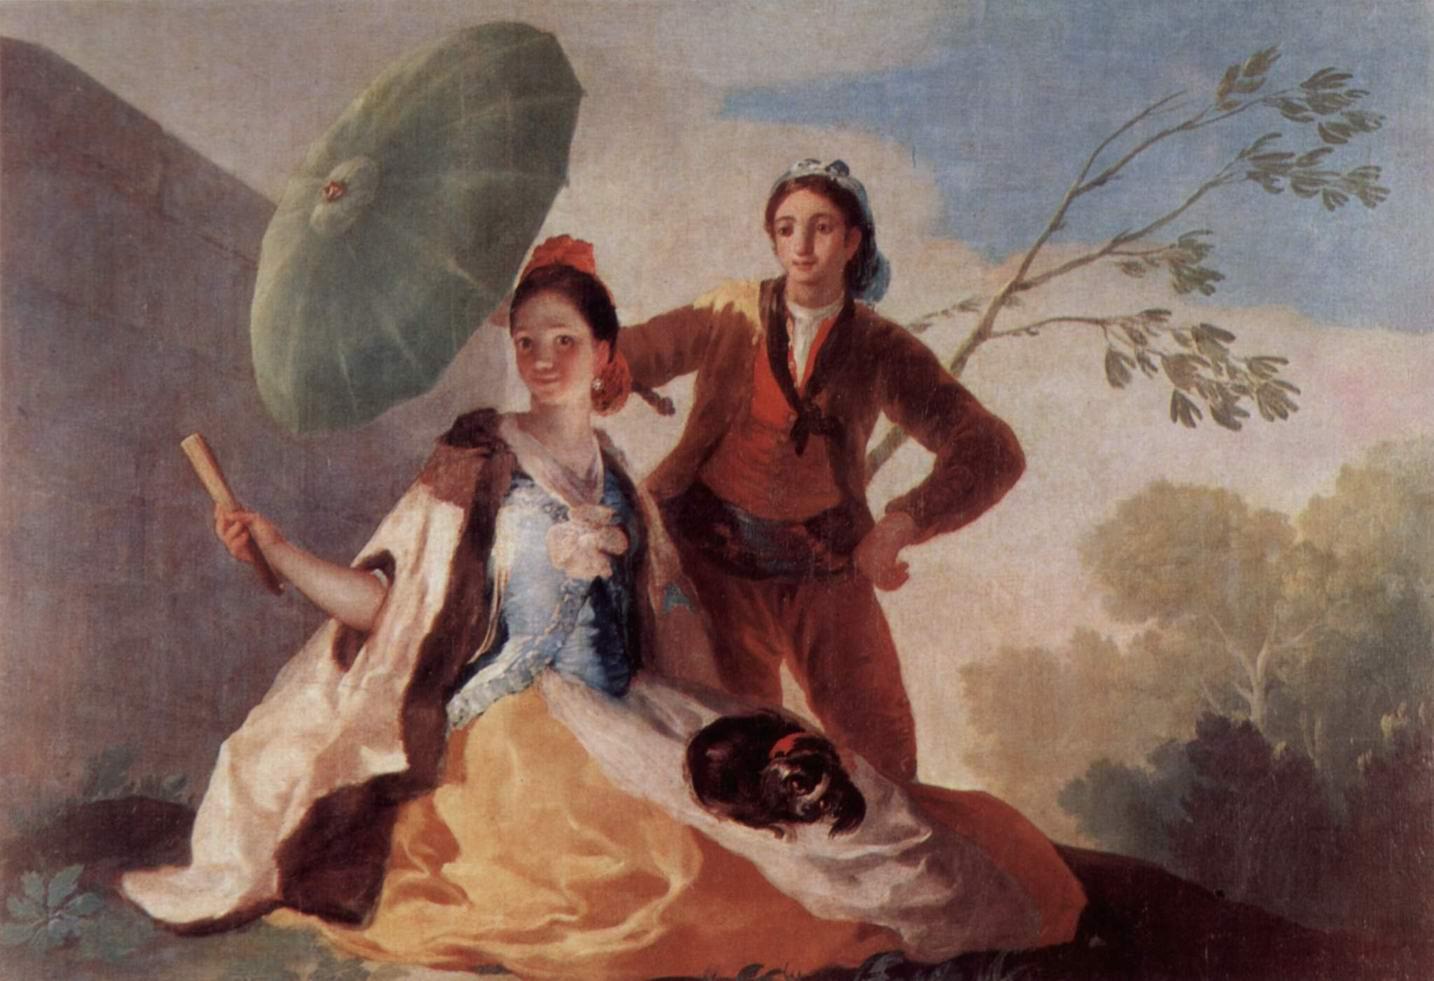 Эскизы гобеленов для королевских дворцов Прадо и Эскориал. Солнечный зонтик, Франсиско де Гойя-и-Лусьентес